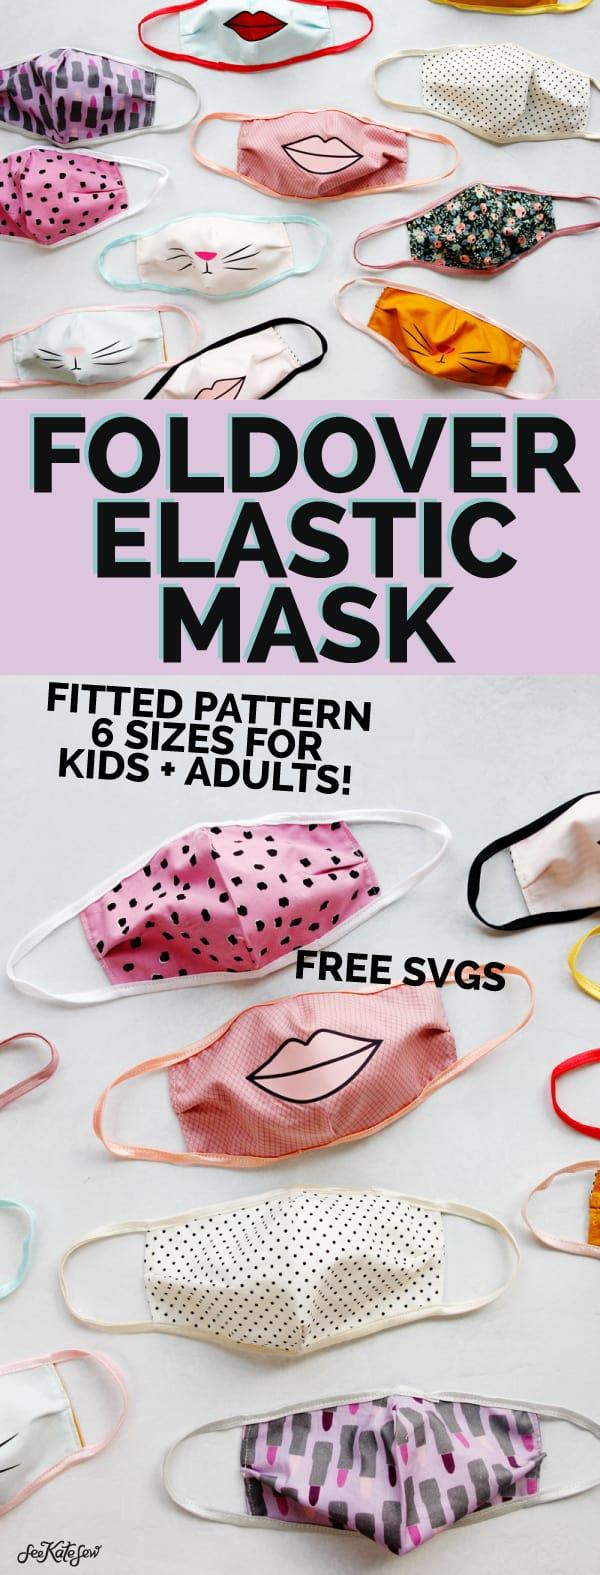 FREE mask pattern